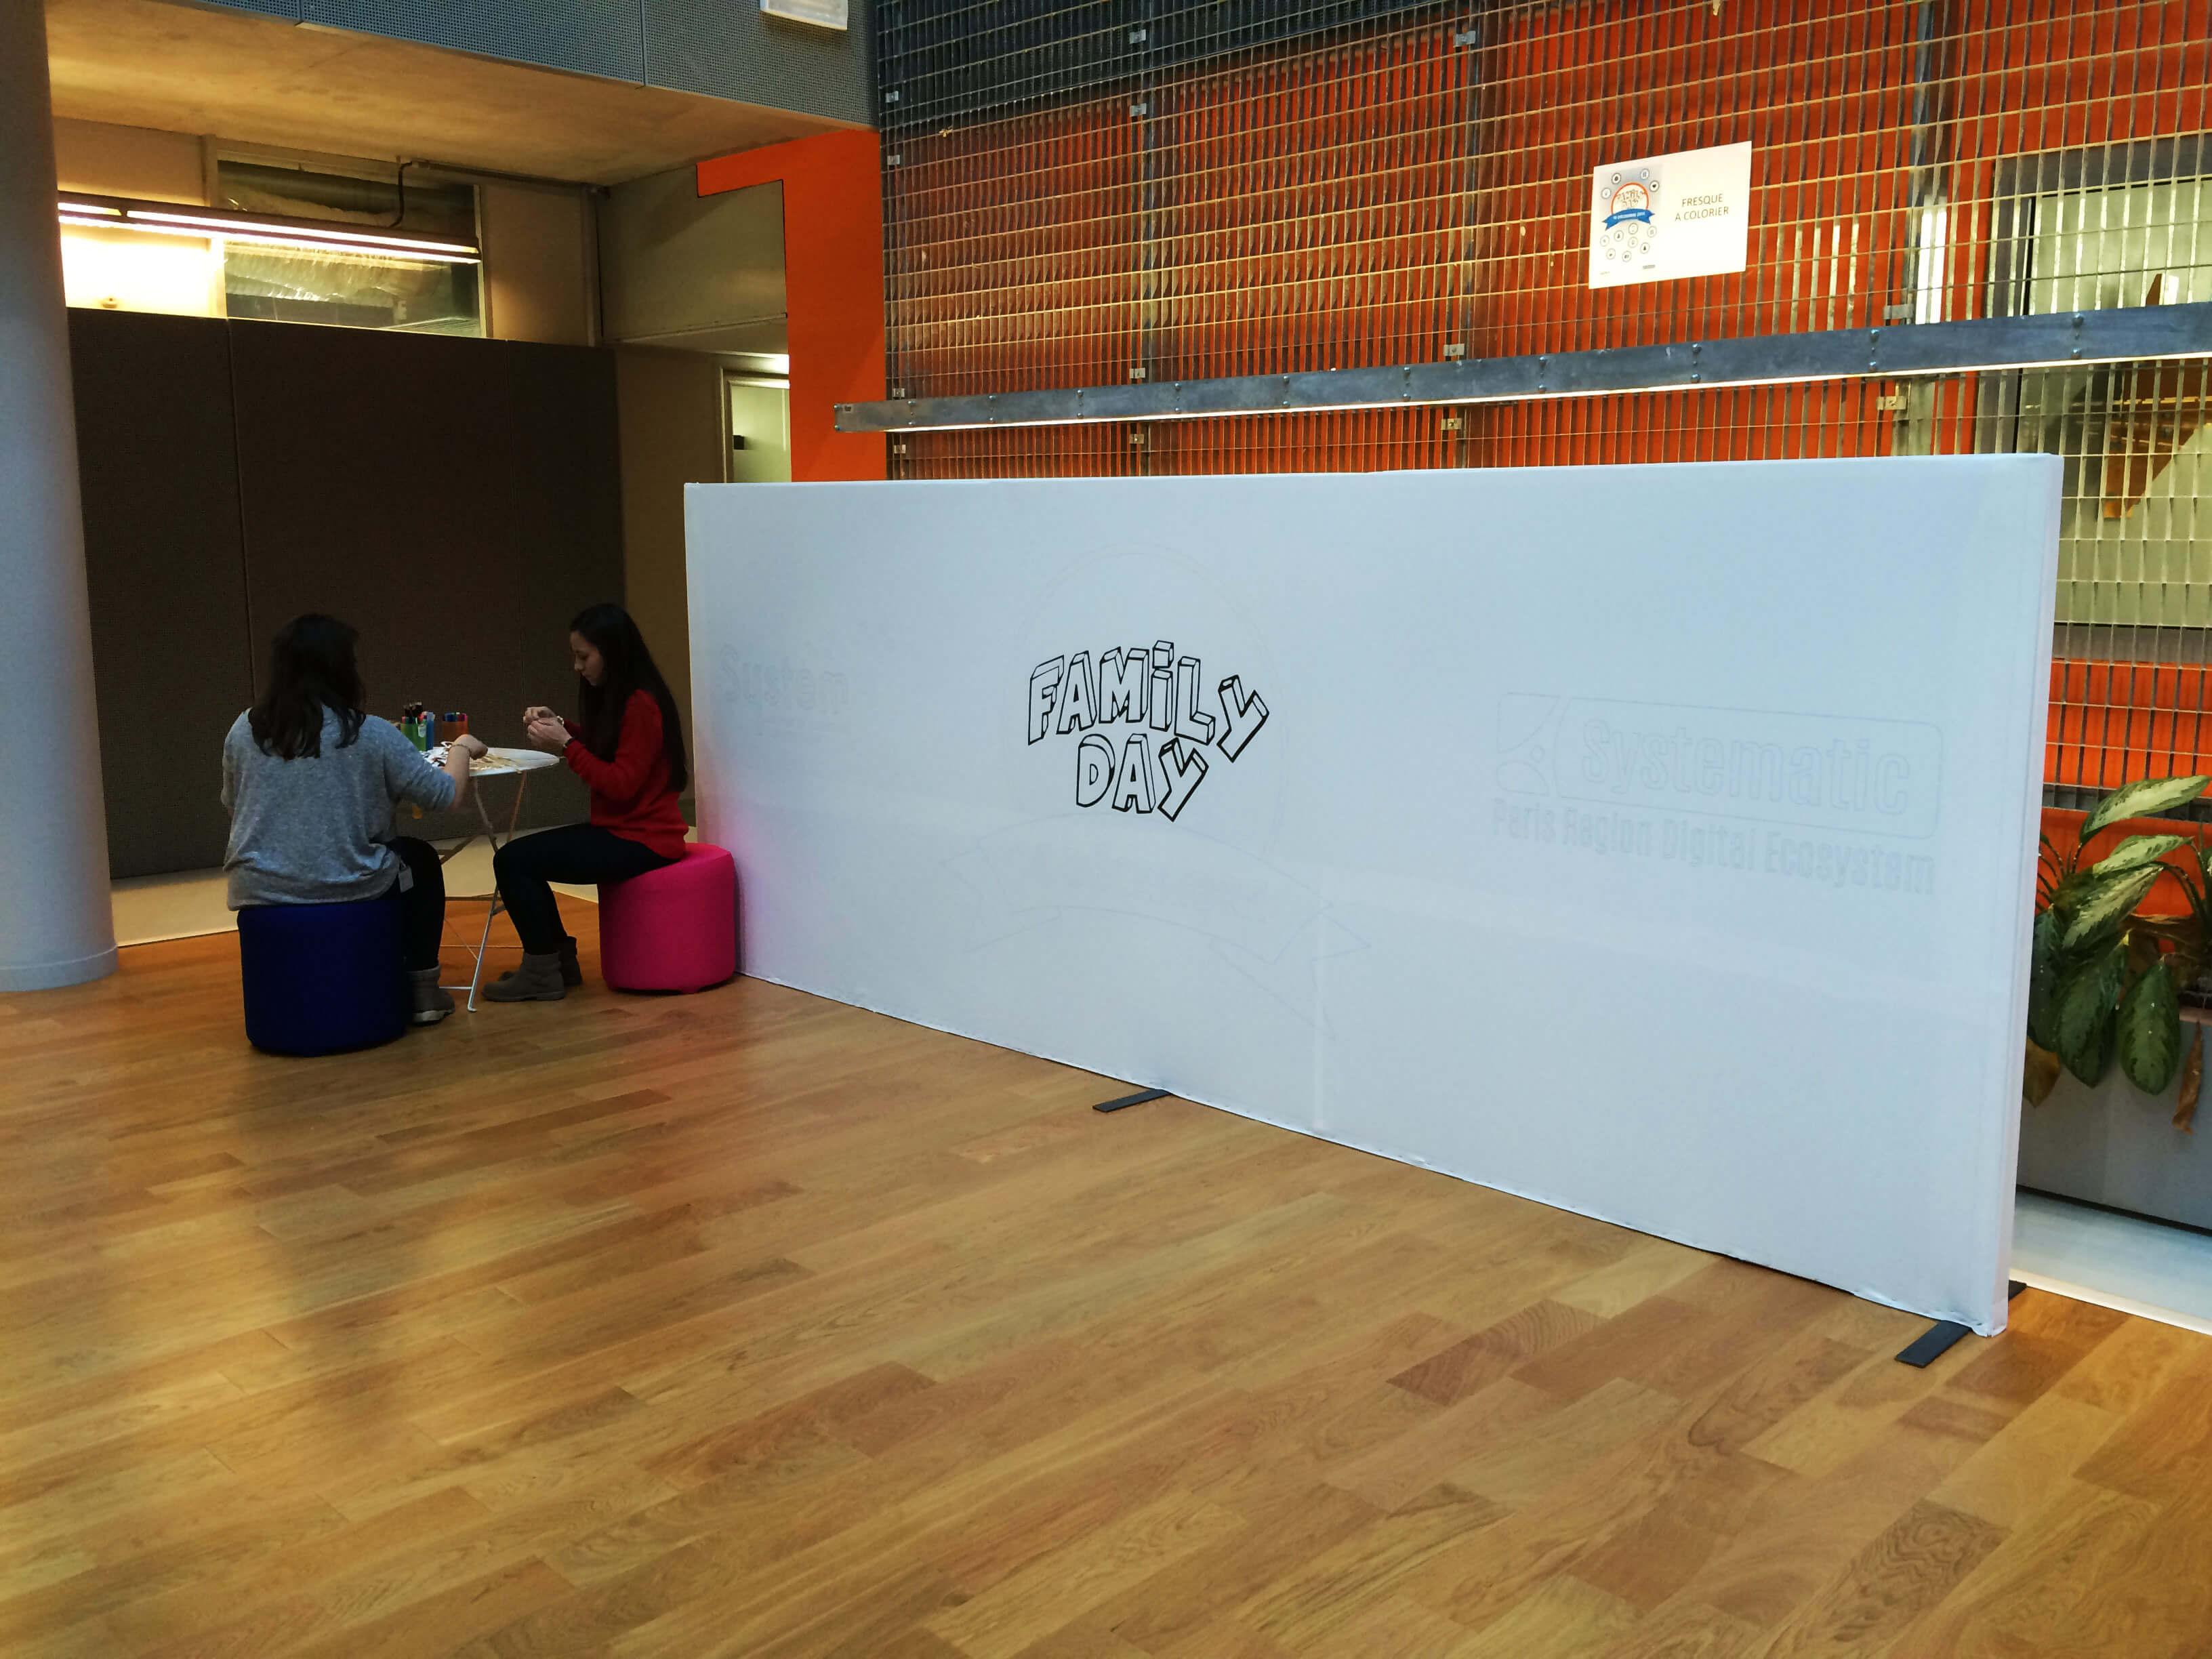 Les enfants pouvaient laisser libre cours à leur imagination sur cette fresque géante.